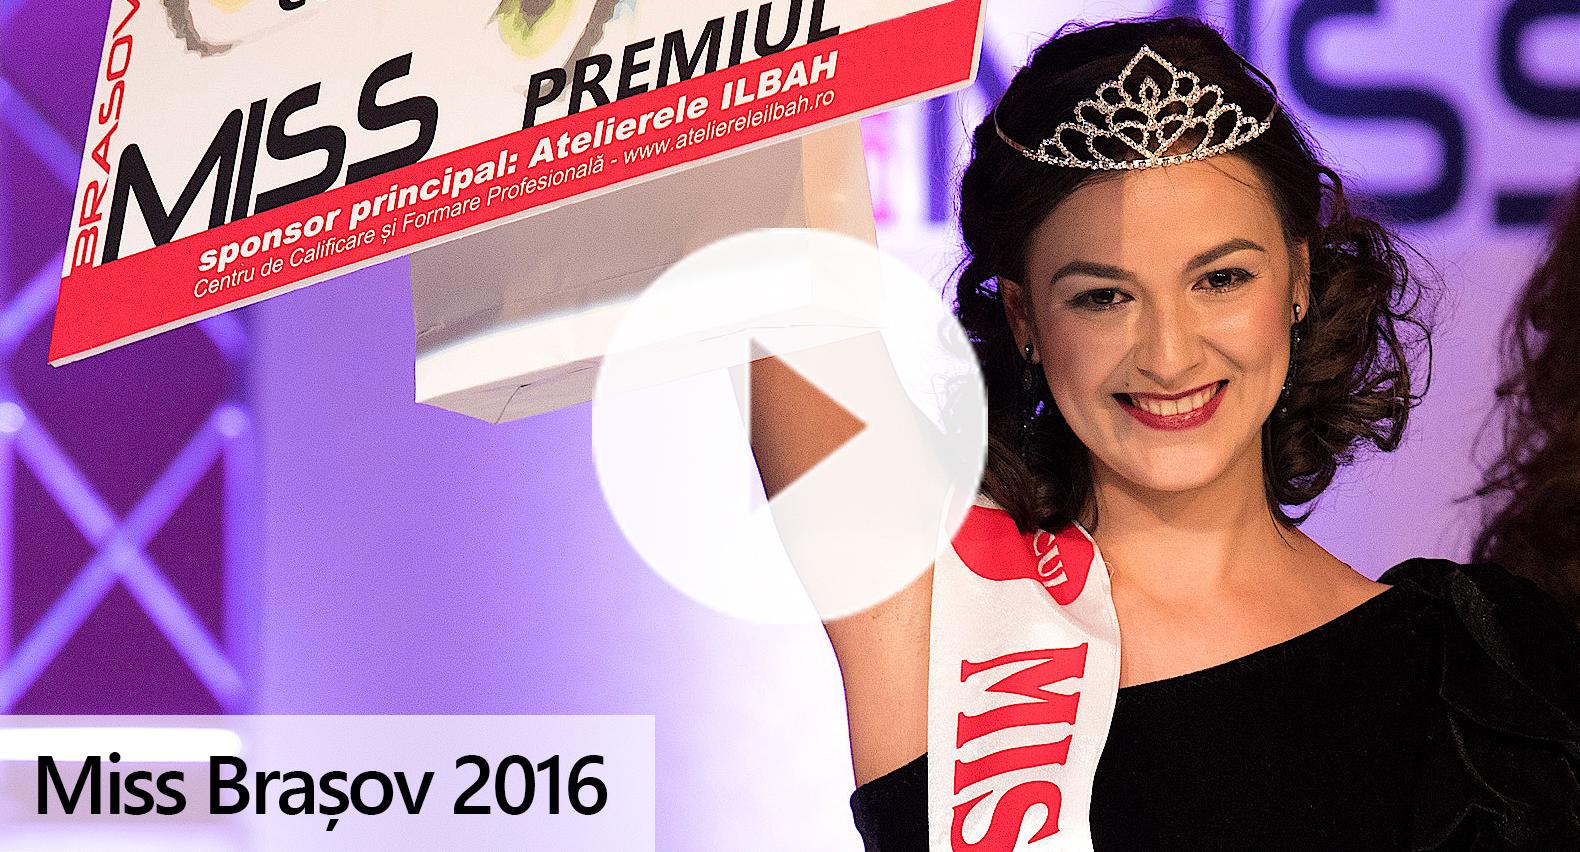 video_miss_brasov_2016